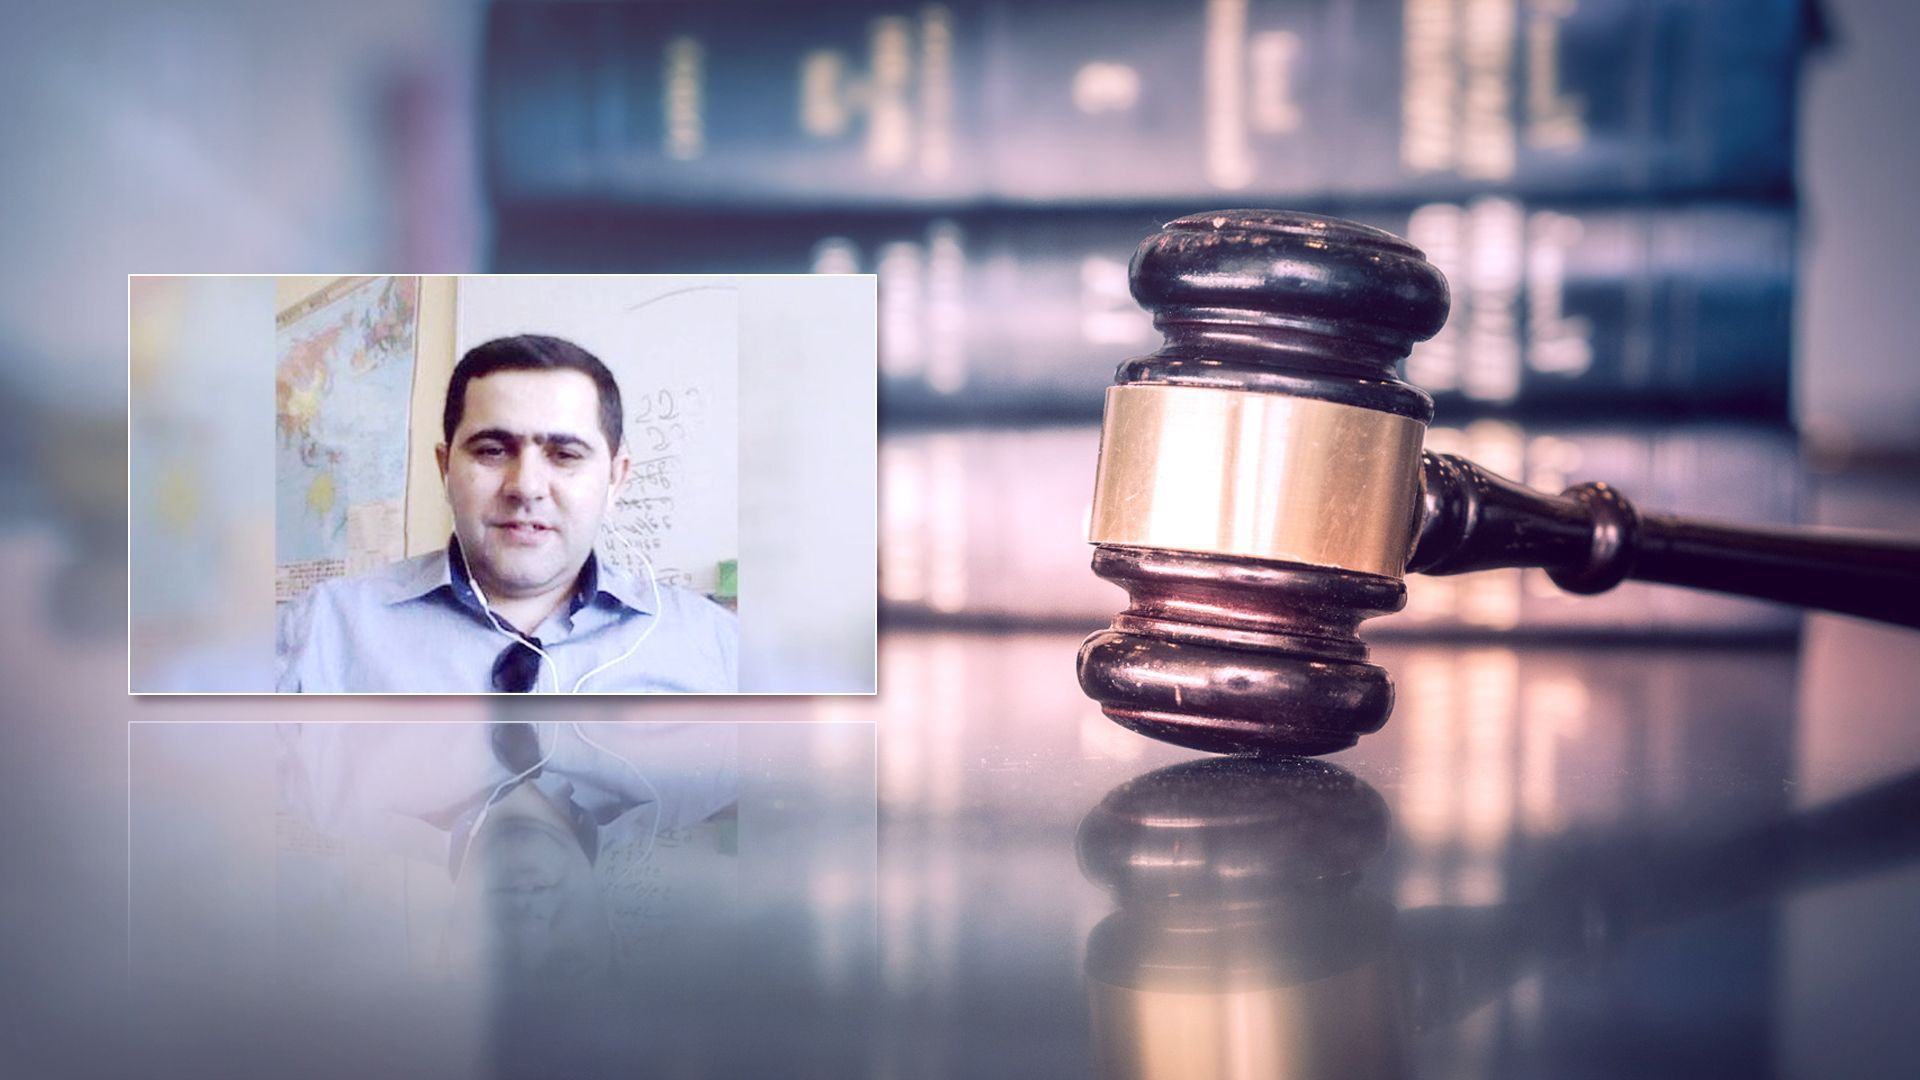 Имало е директен натиск от Турция върху българските власти да предадат Бююк